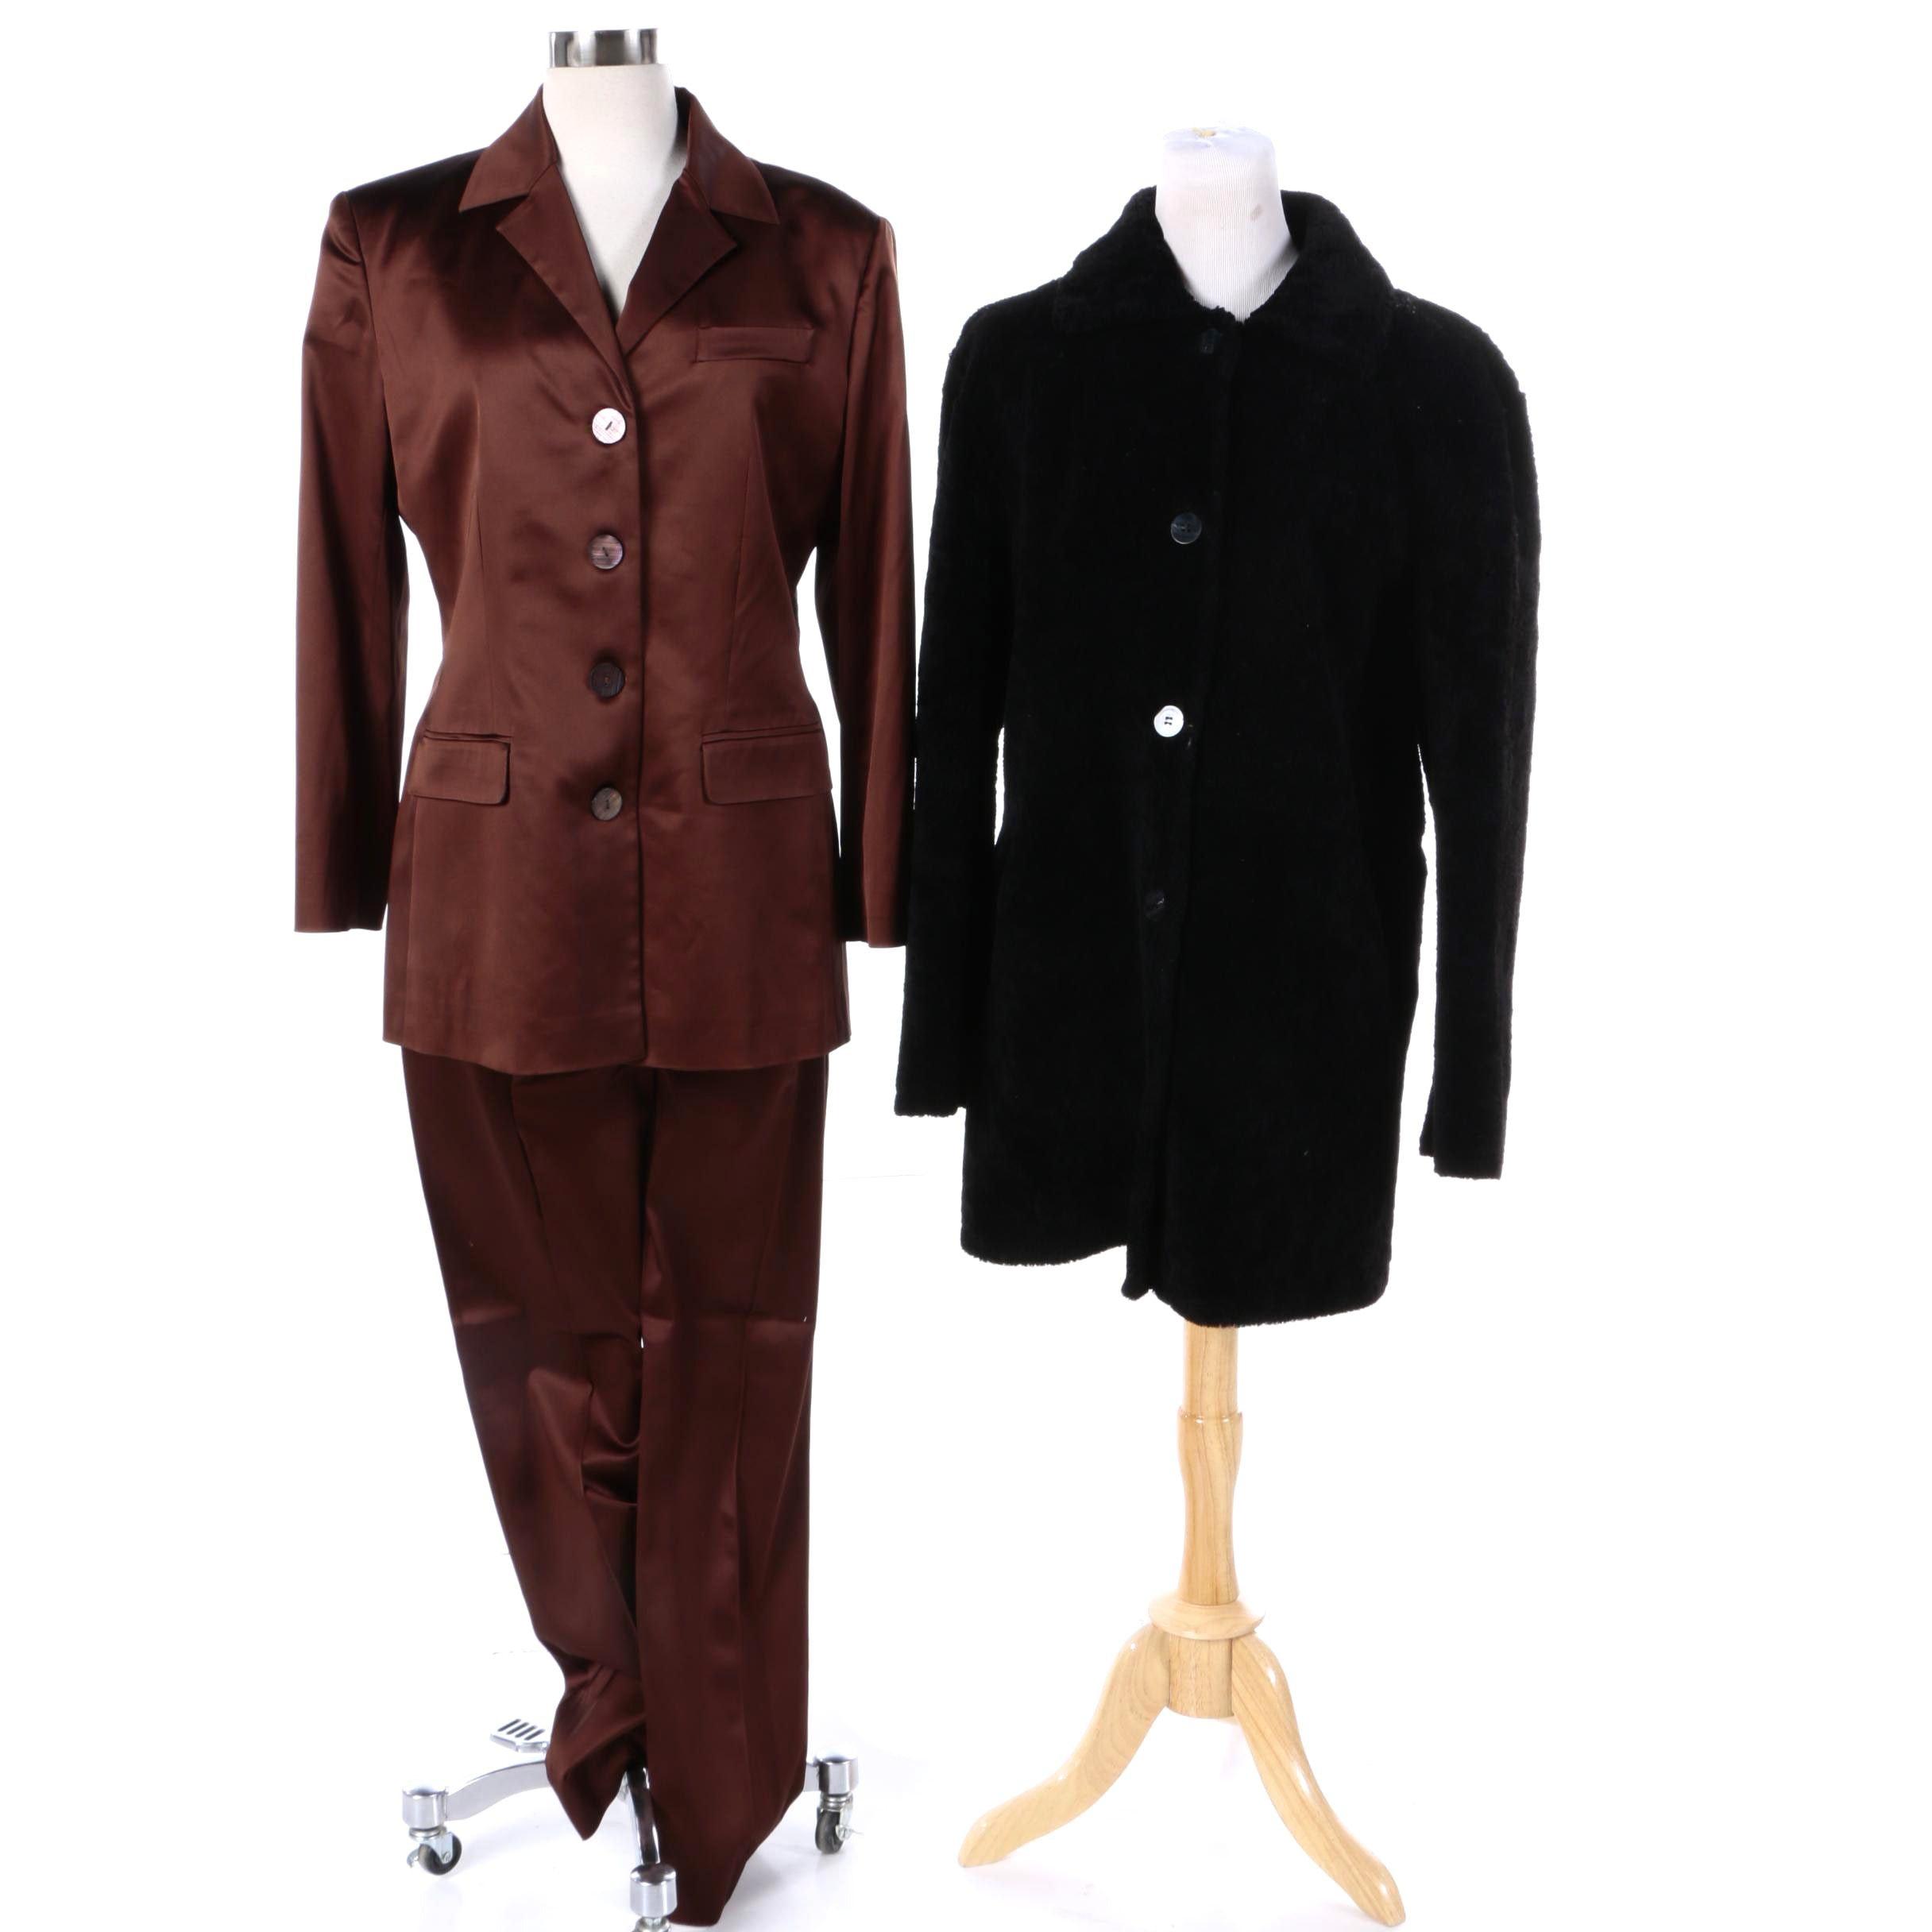 Women's Siena Studio Black Shearling Fur Coat and Mondrian Satin Pantsuit